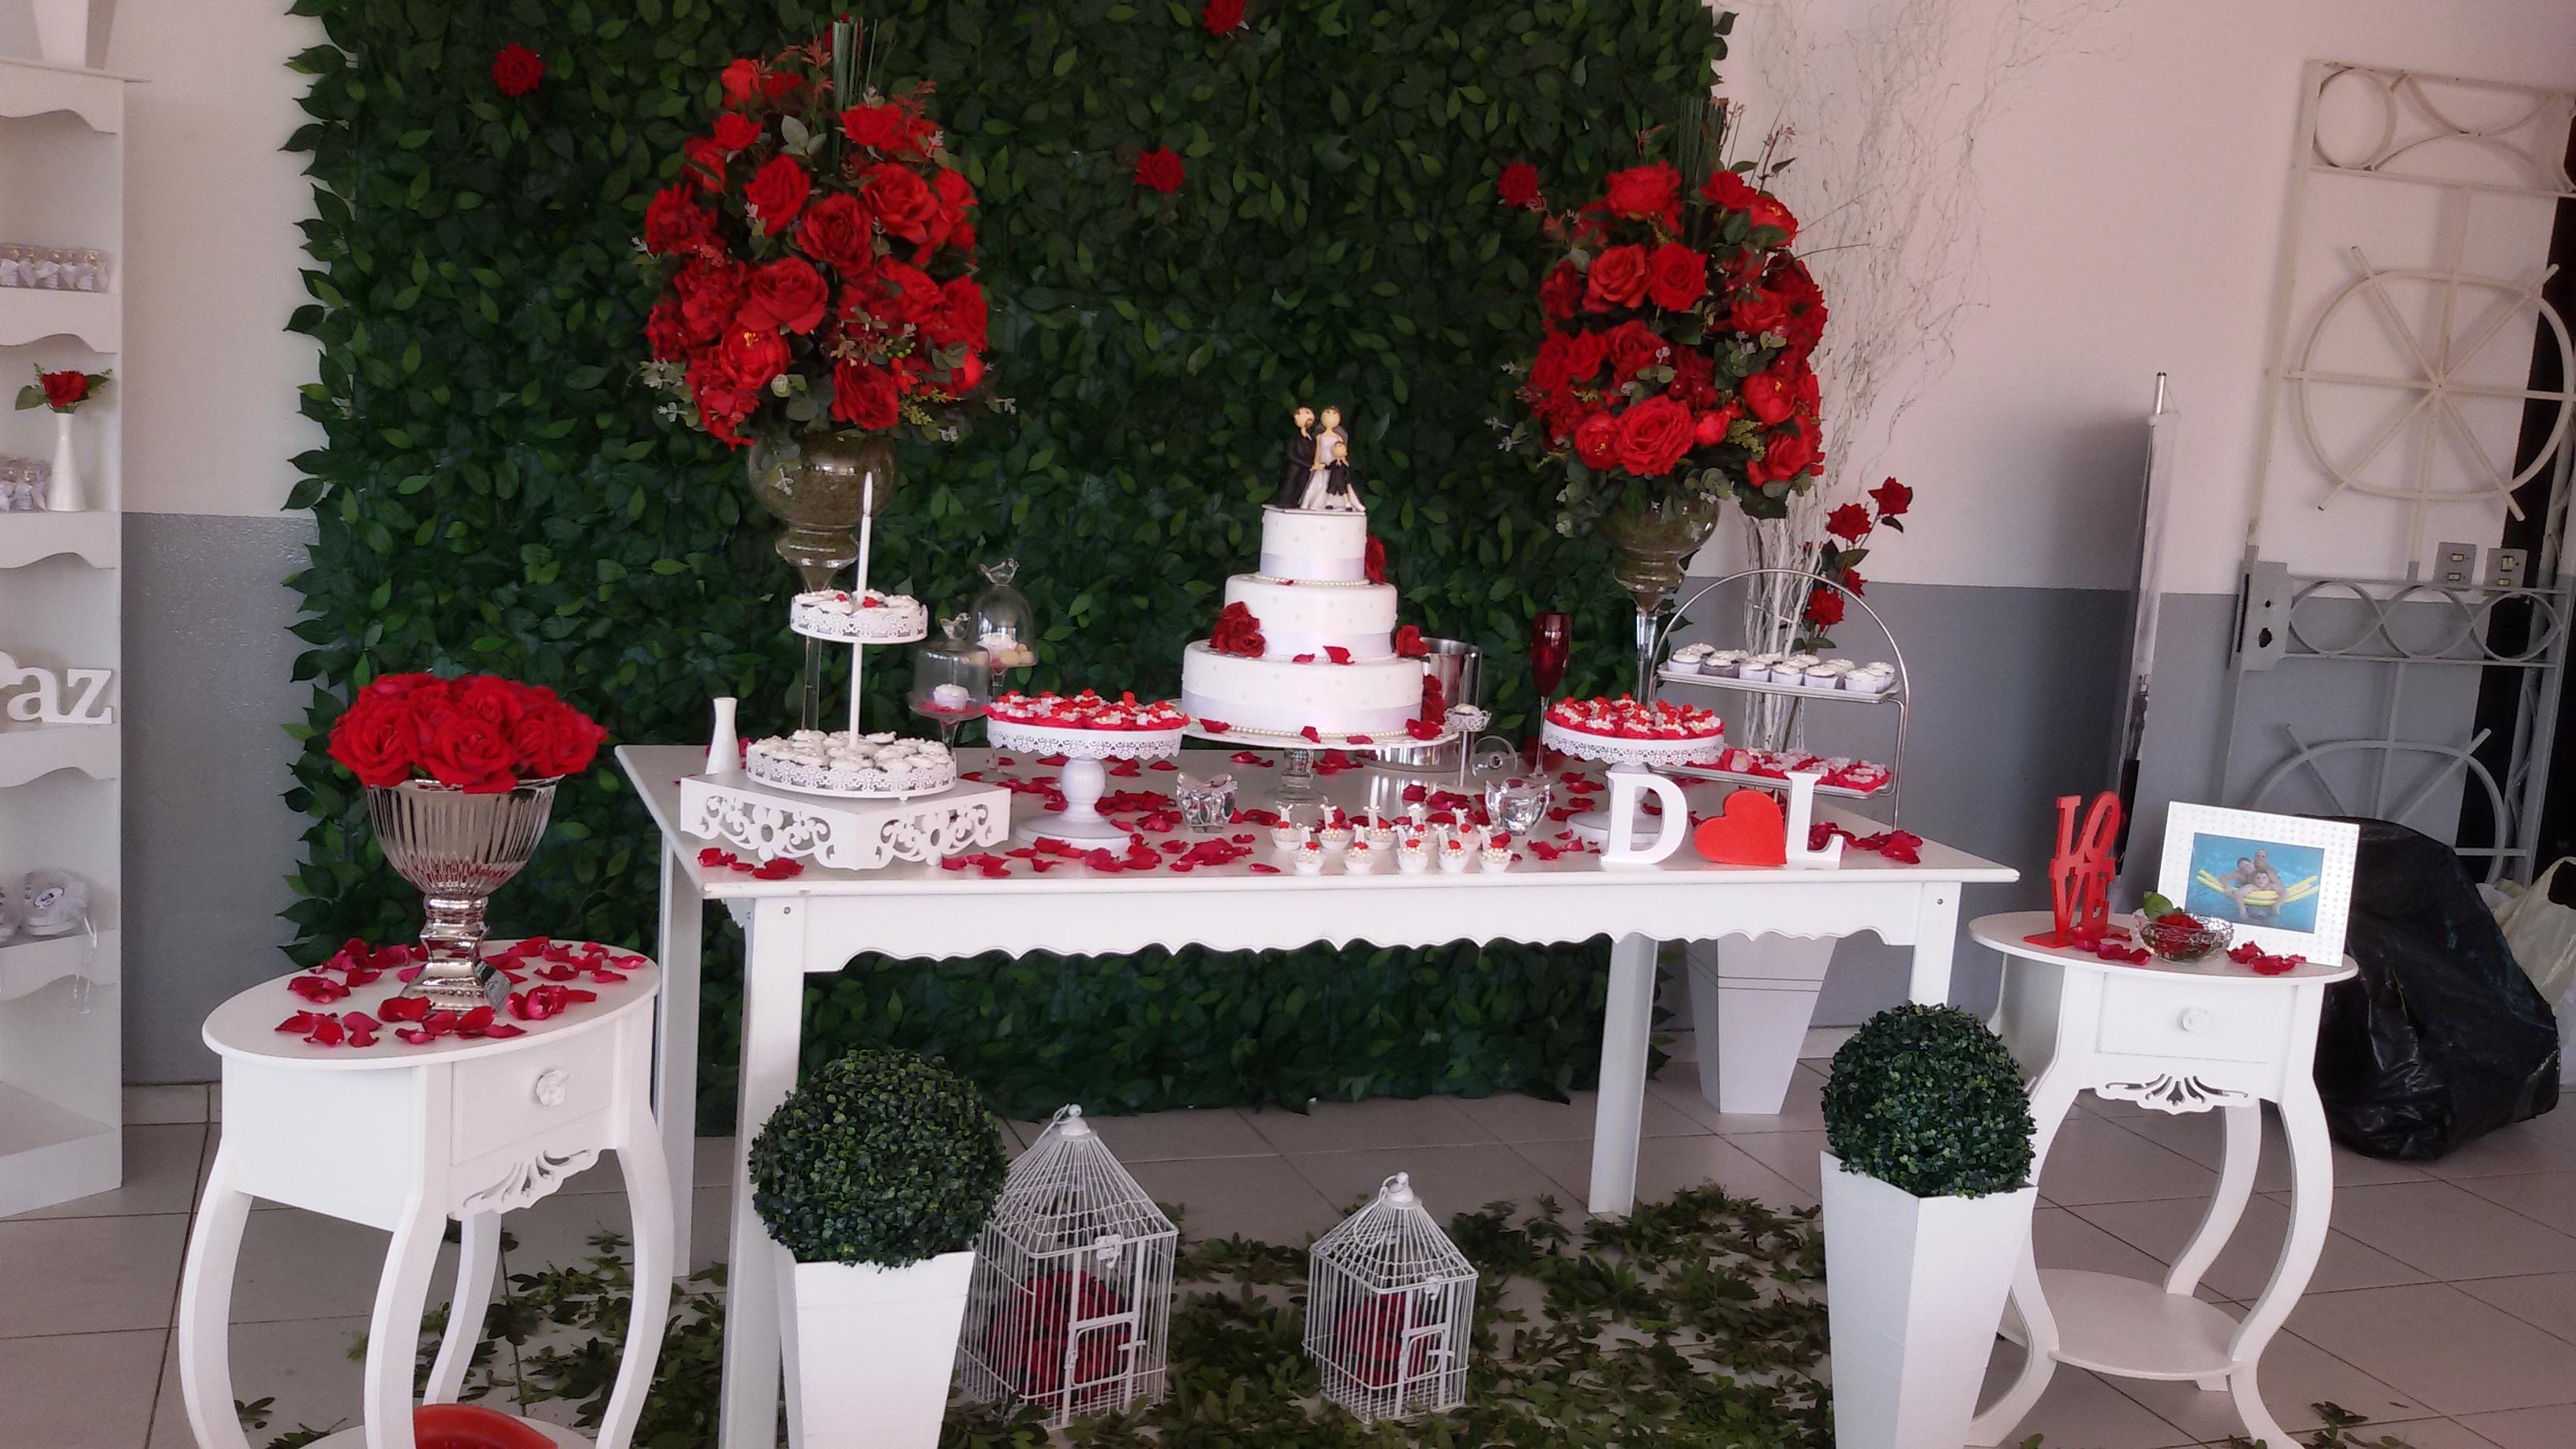 decoracao-de-casamento-vermelho-e-branco-decoracao-provencal.jpg